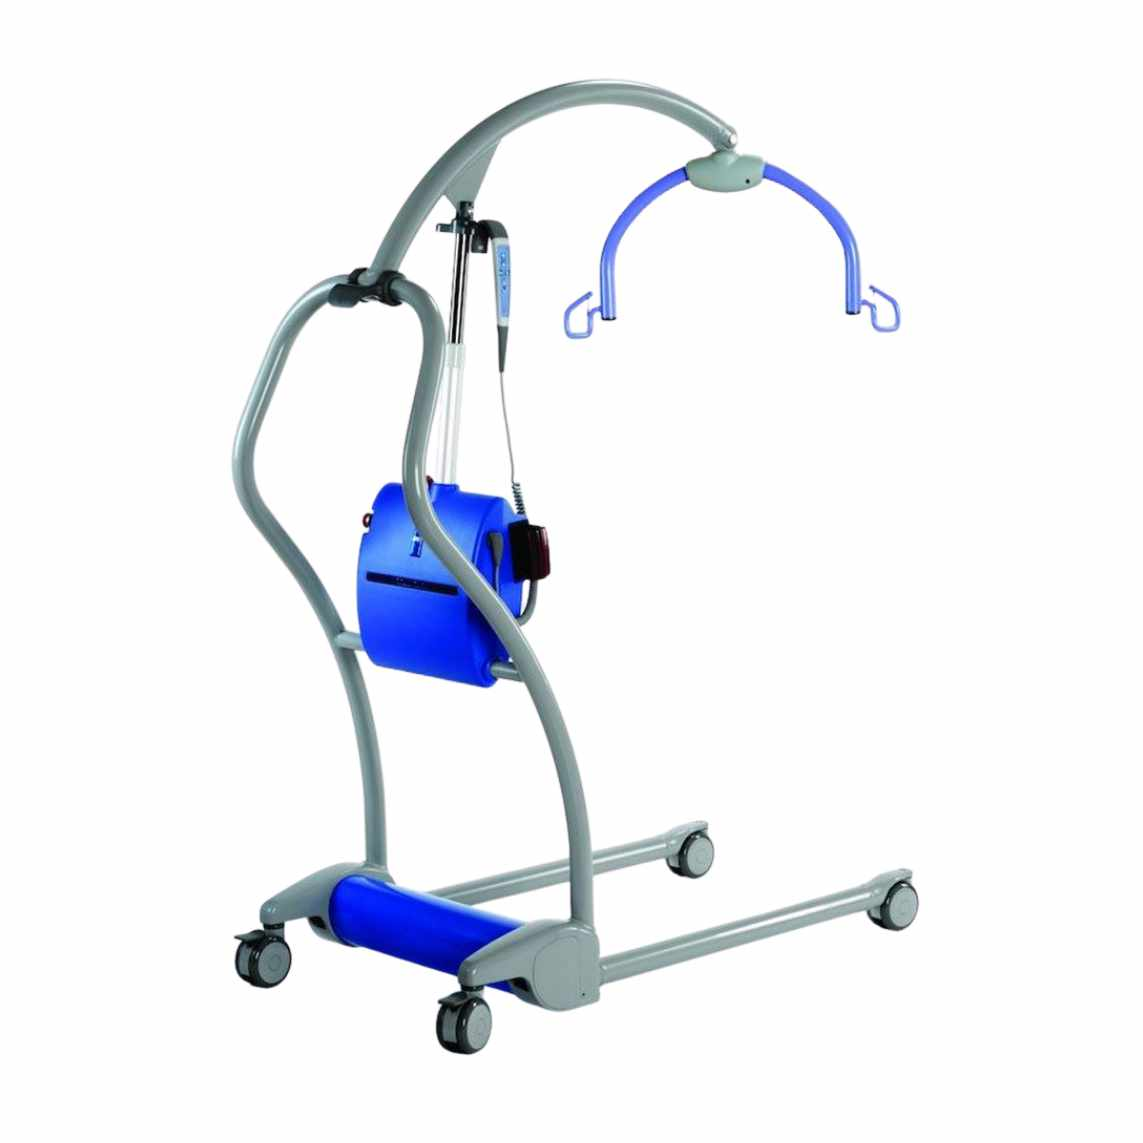 Arjo Maxi Twin power patient lift